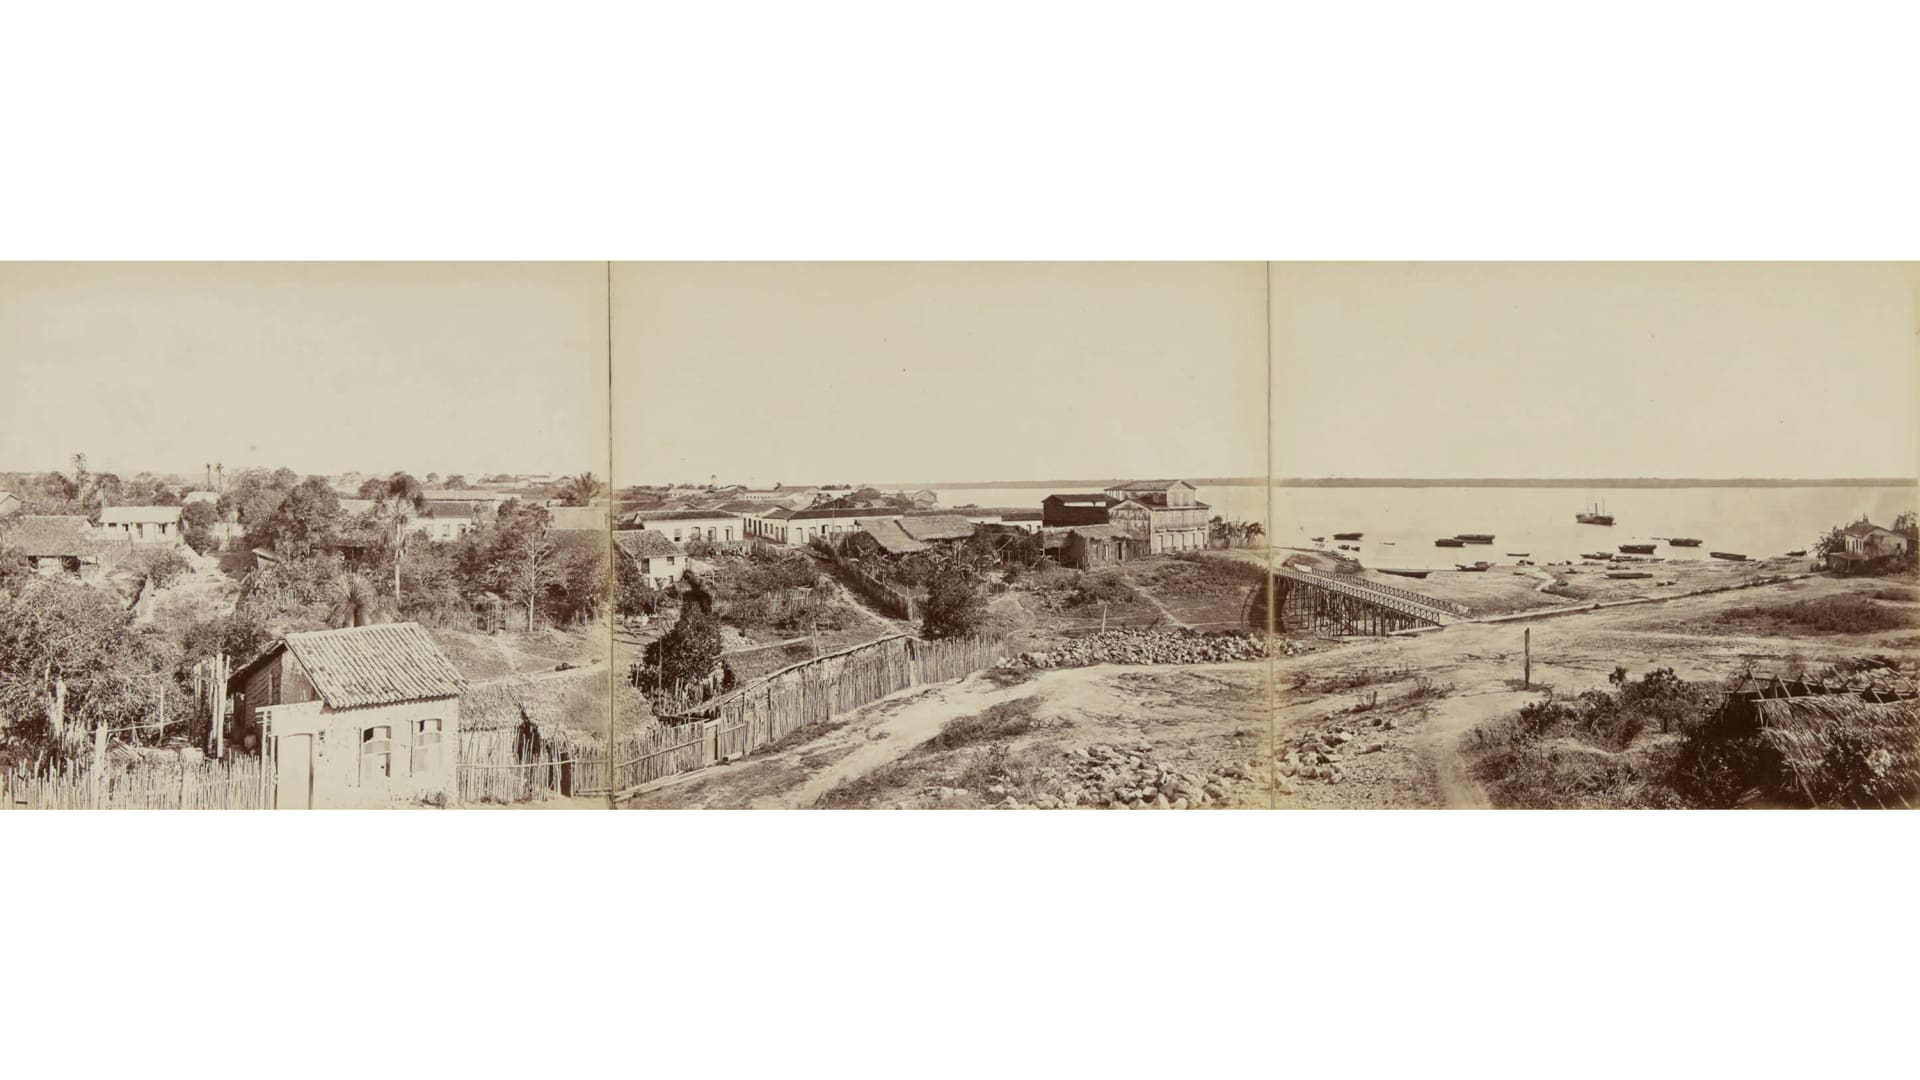 صور نادرة من القرن التاسع عشر تبين الماضي المزدهر لغابات الأمازون